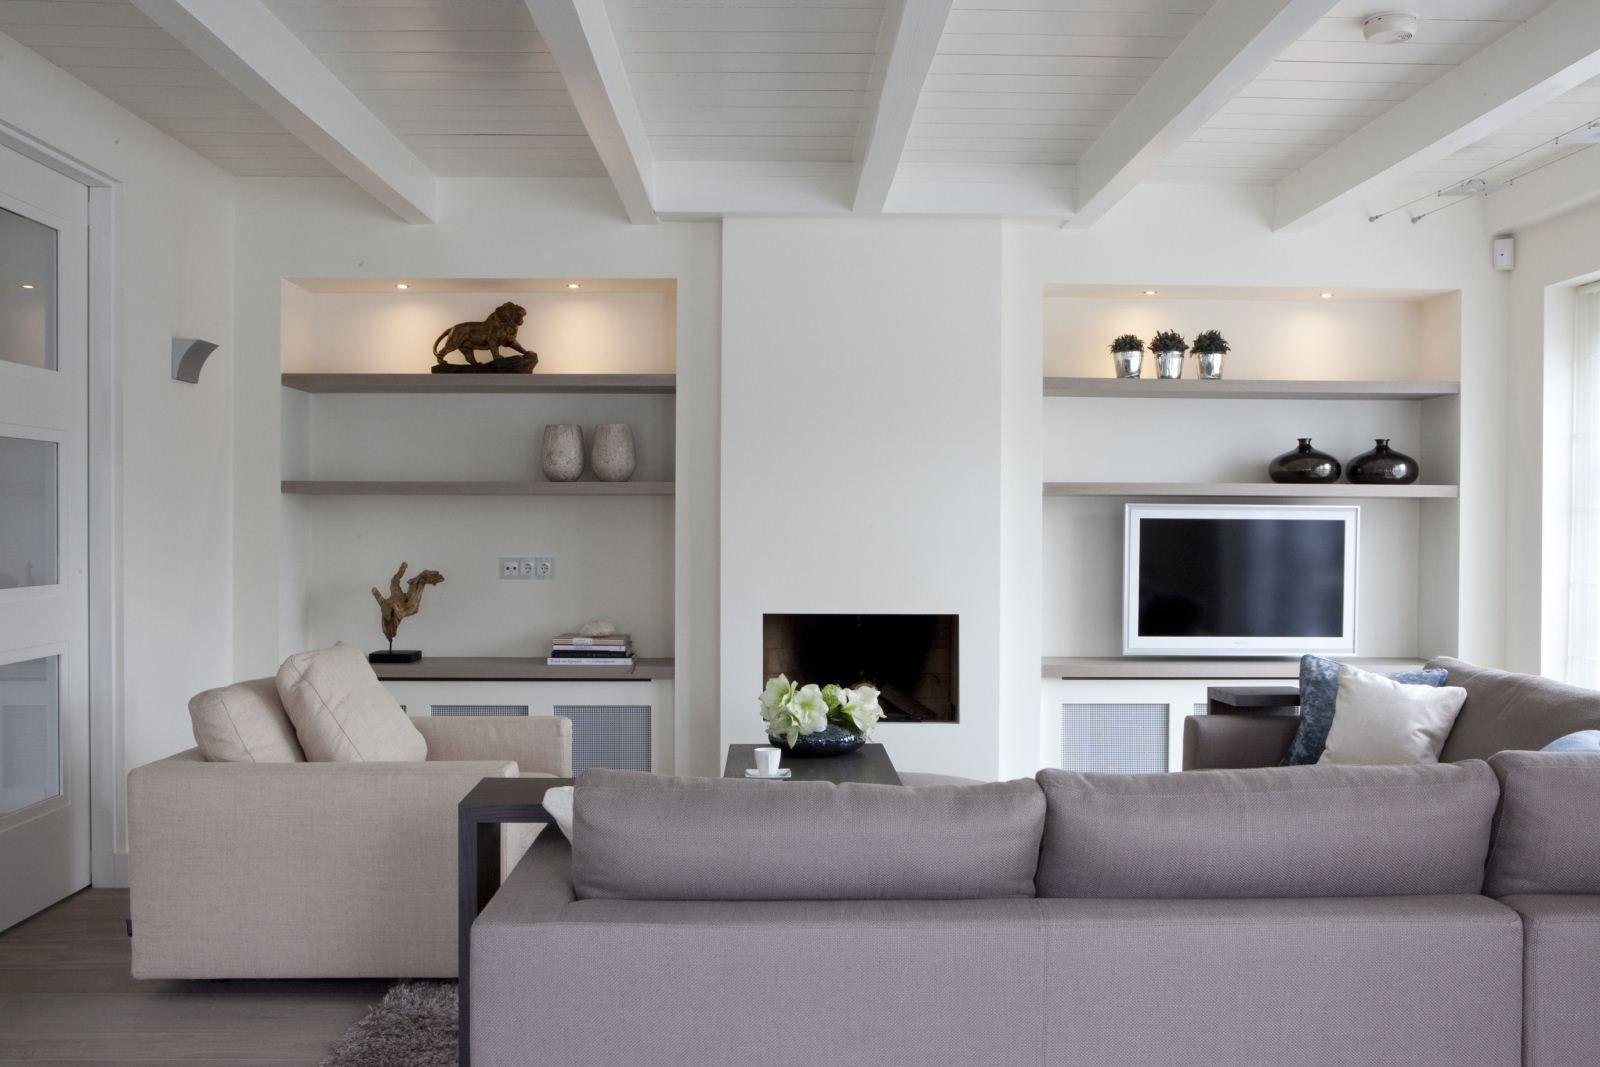 Planken naast de haard mooi die symmetrie my future for Decoratie naast tv